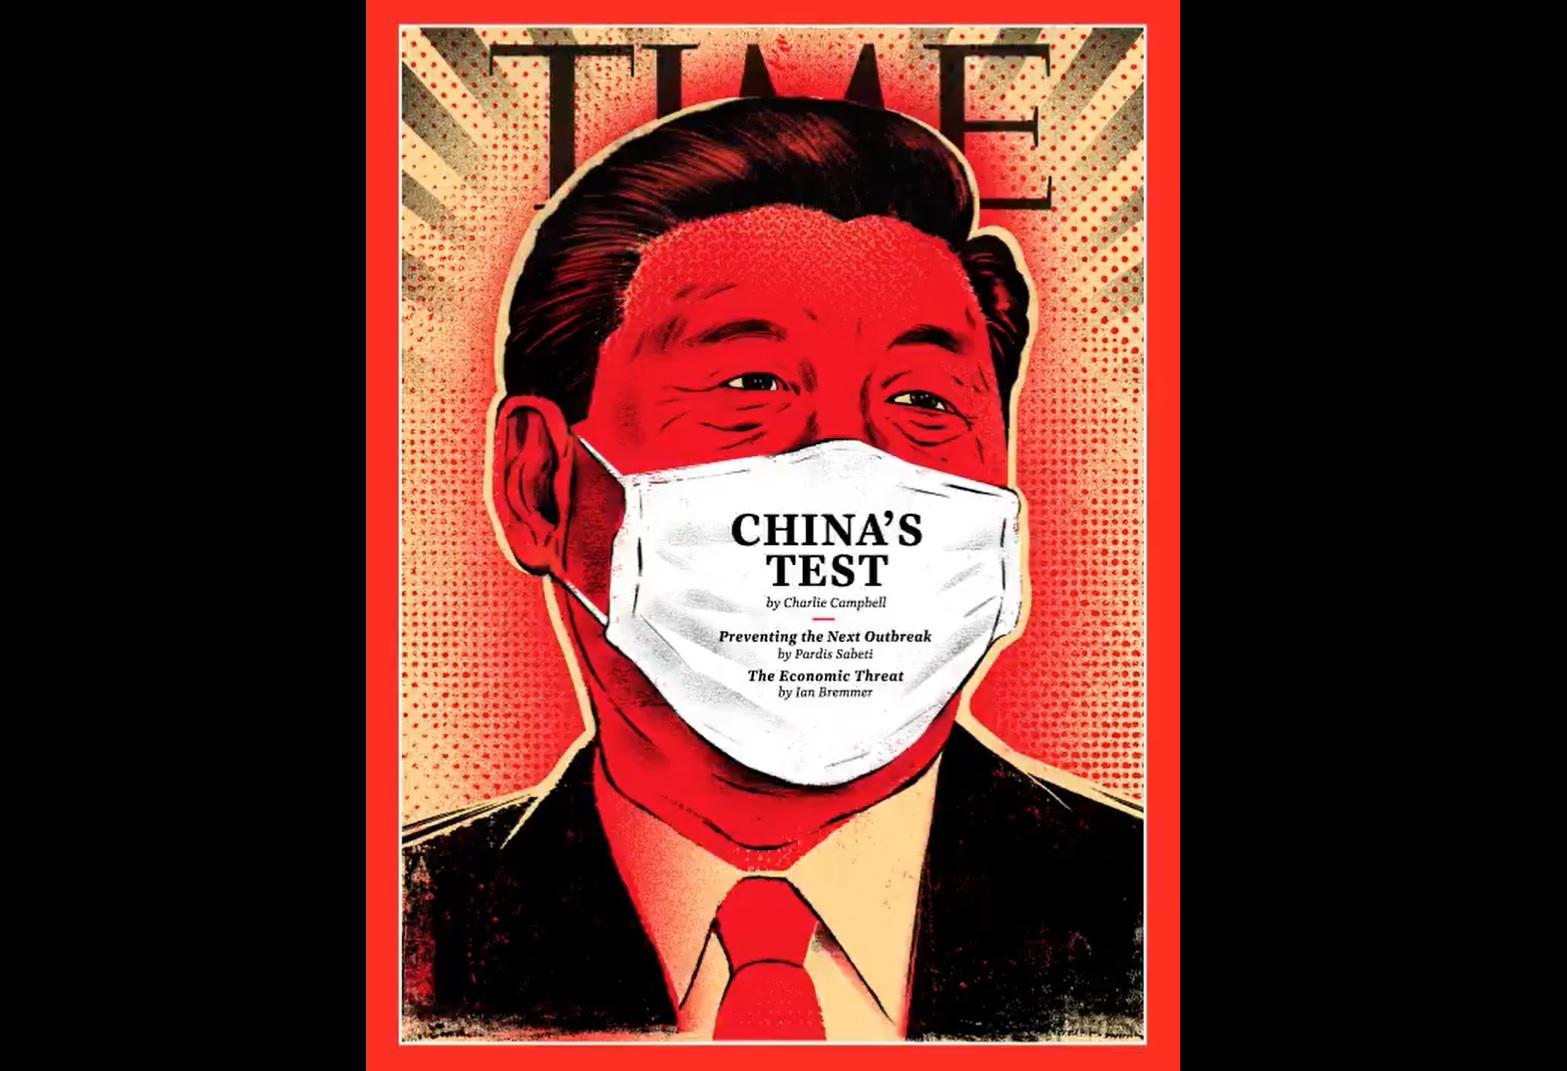 外媒諷武漢肺炎病毒「中國製造」、替習近平戴口罩 稱疫情肆虐恐阻礙中國夢